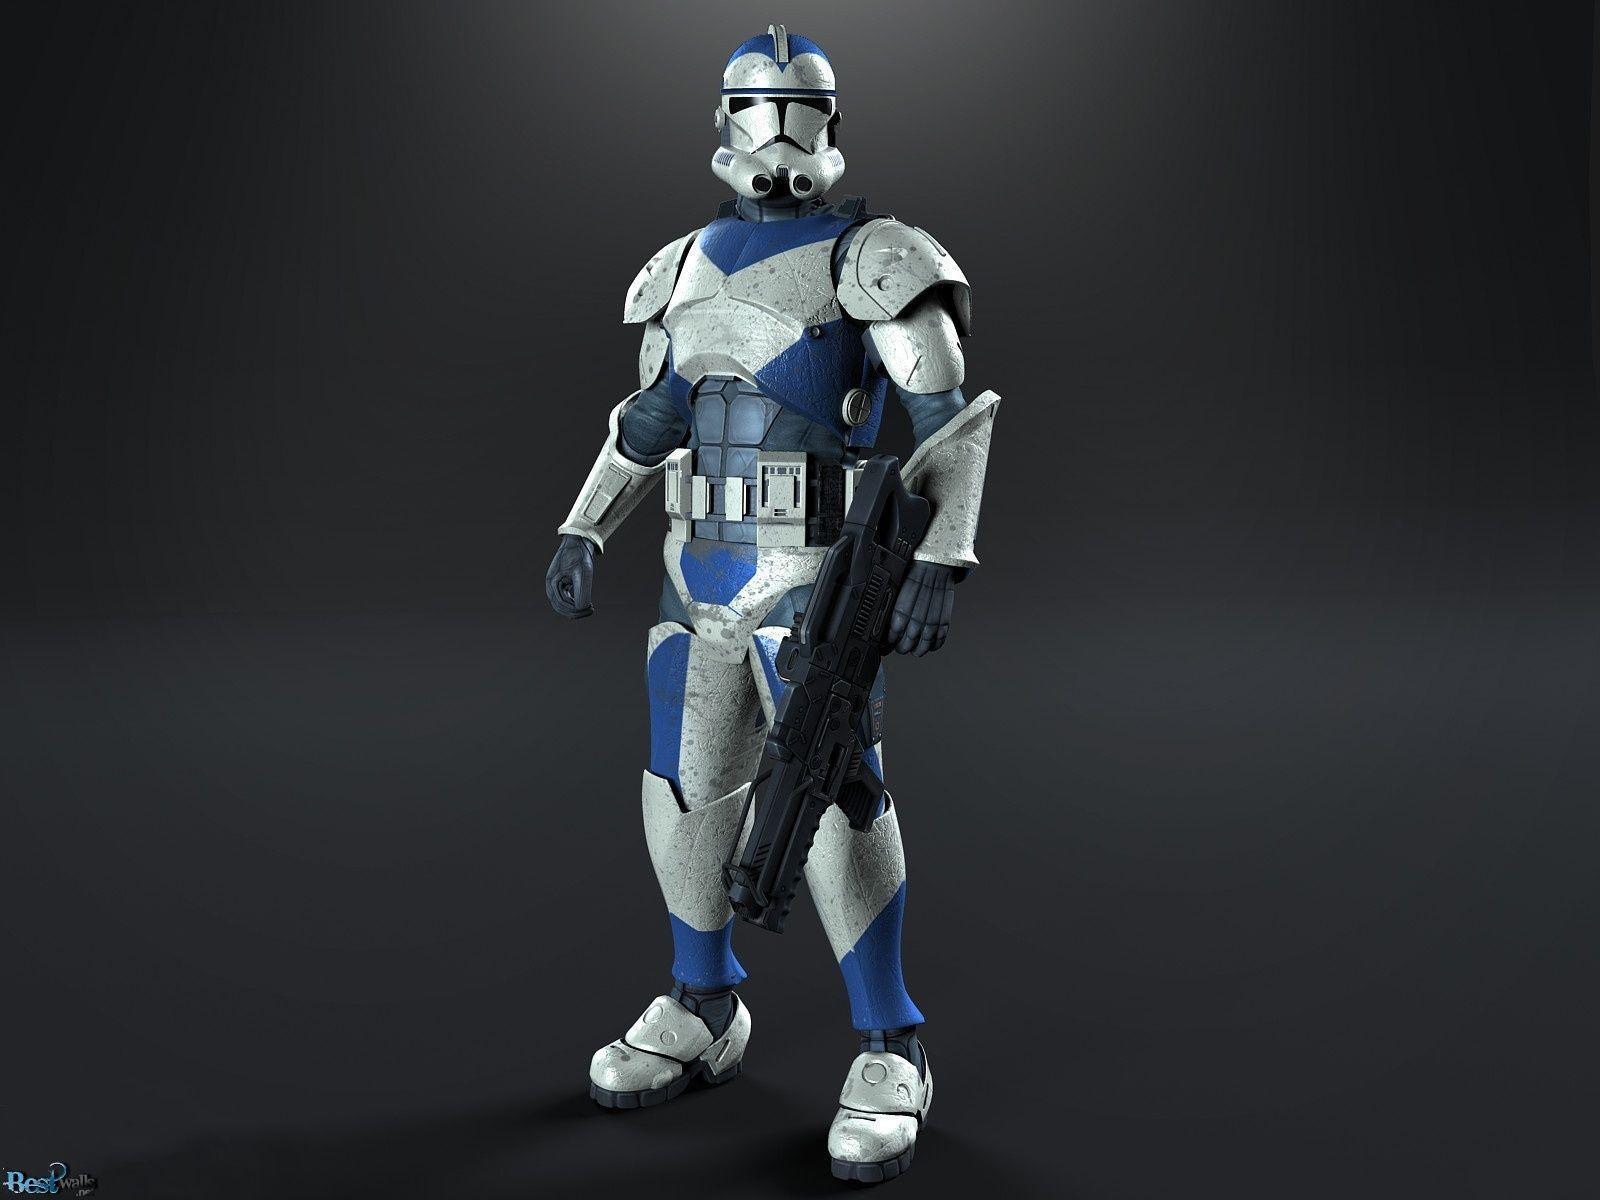 Star Wars Clone Wars Wallpaper: Star Wars Clone Trooper Wallpaper